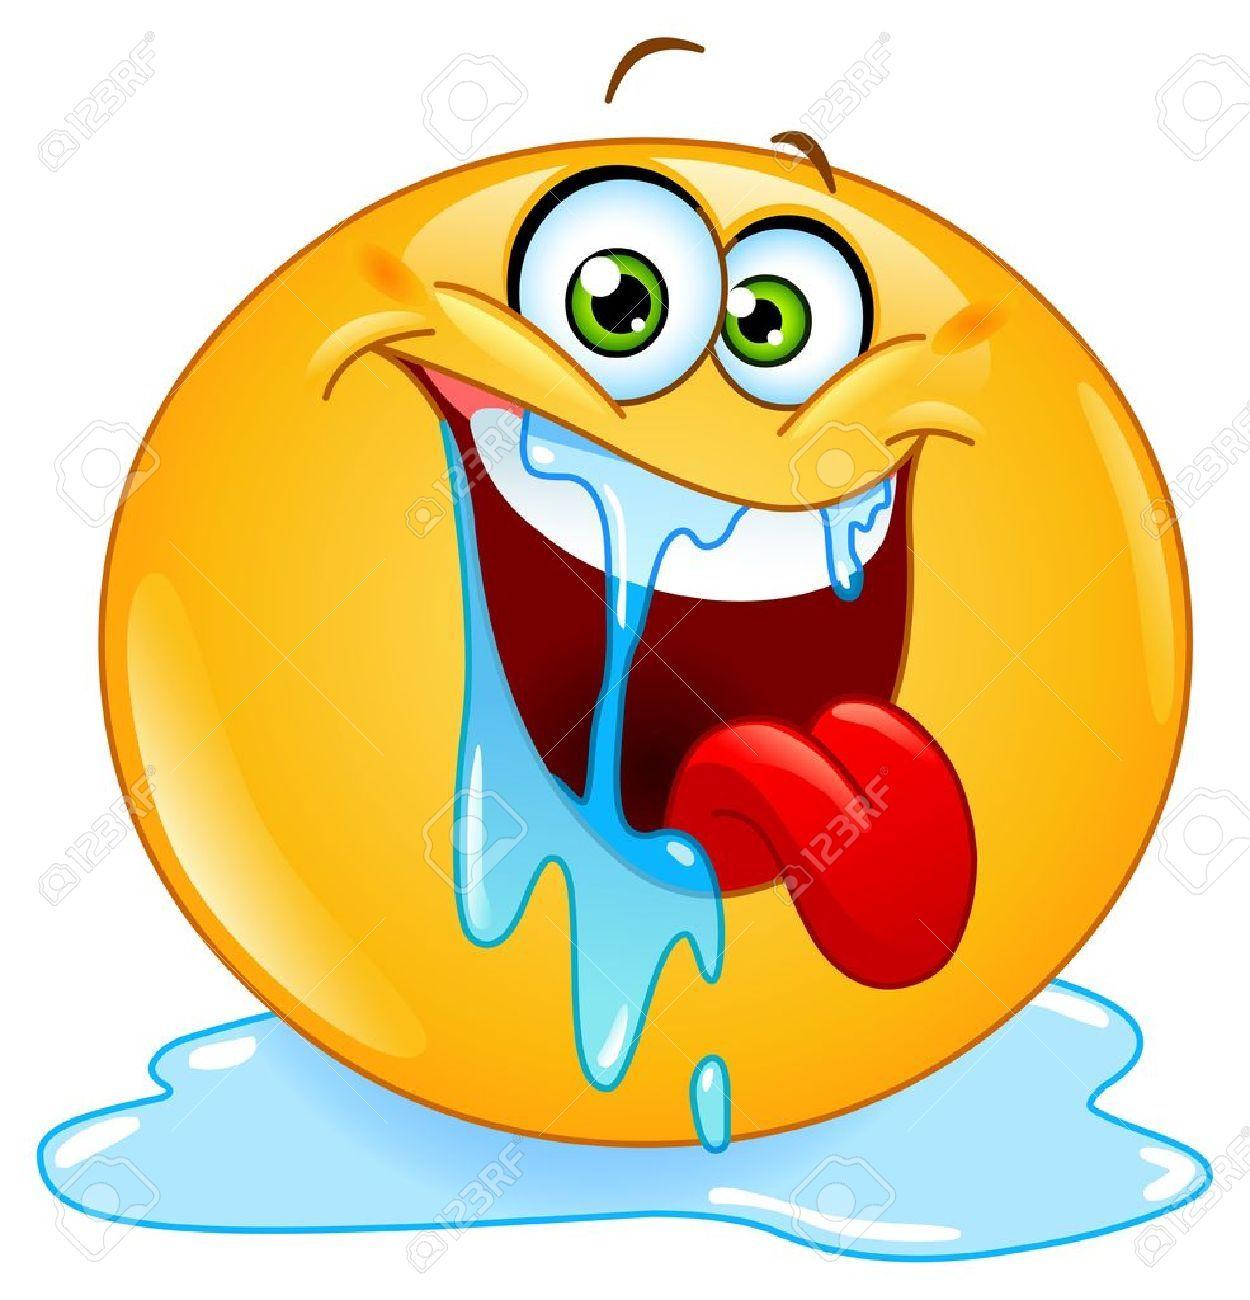 Emoticons Cute Wallpaper 12793109 Drooling Emoticon Stock Vector Smiley Face